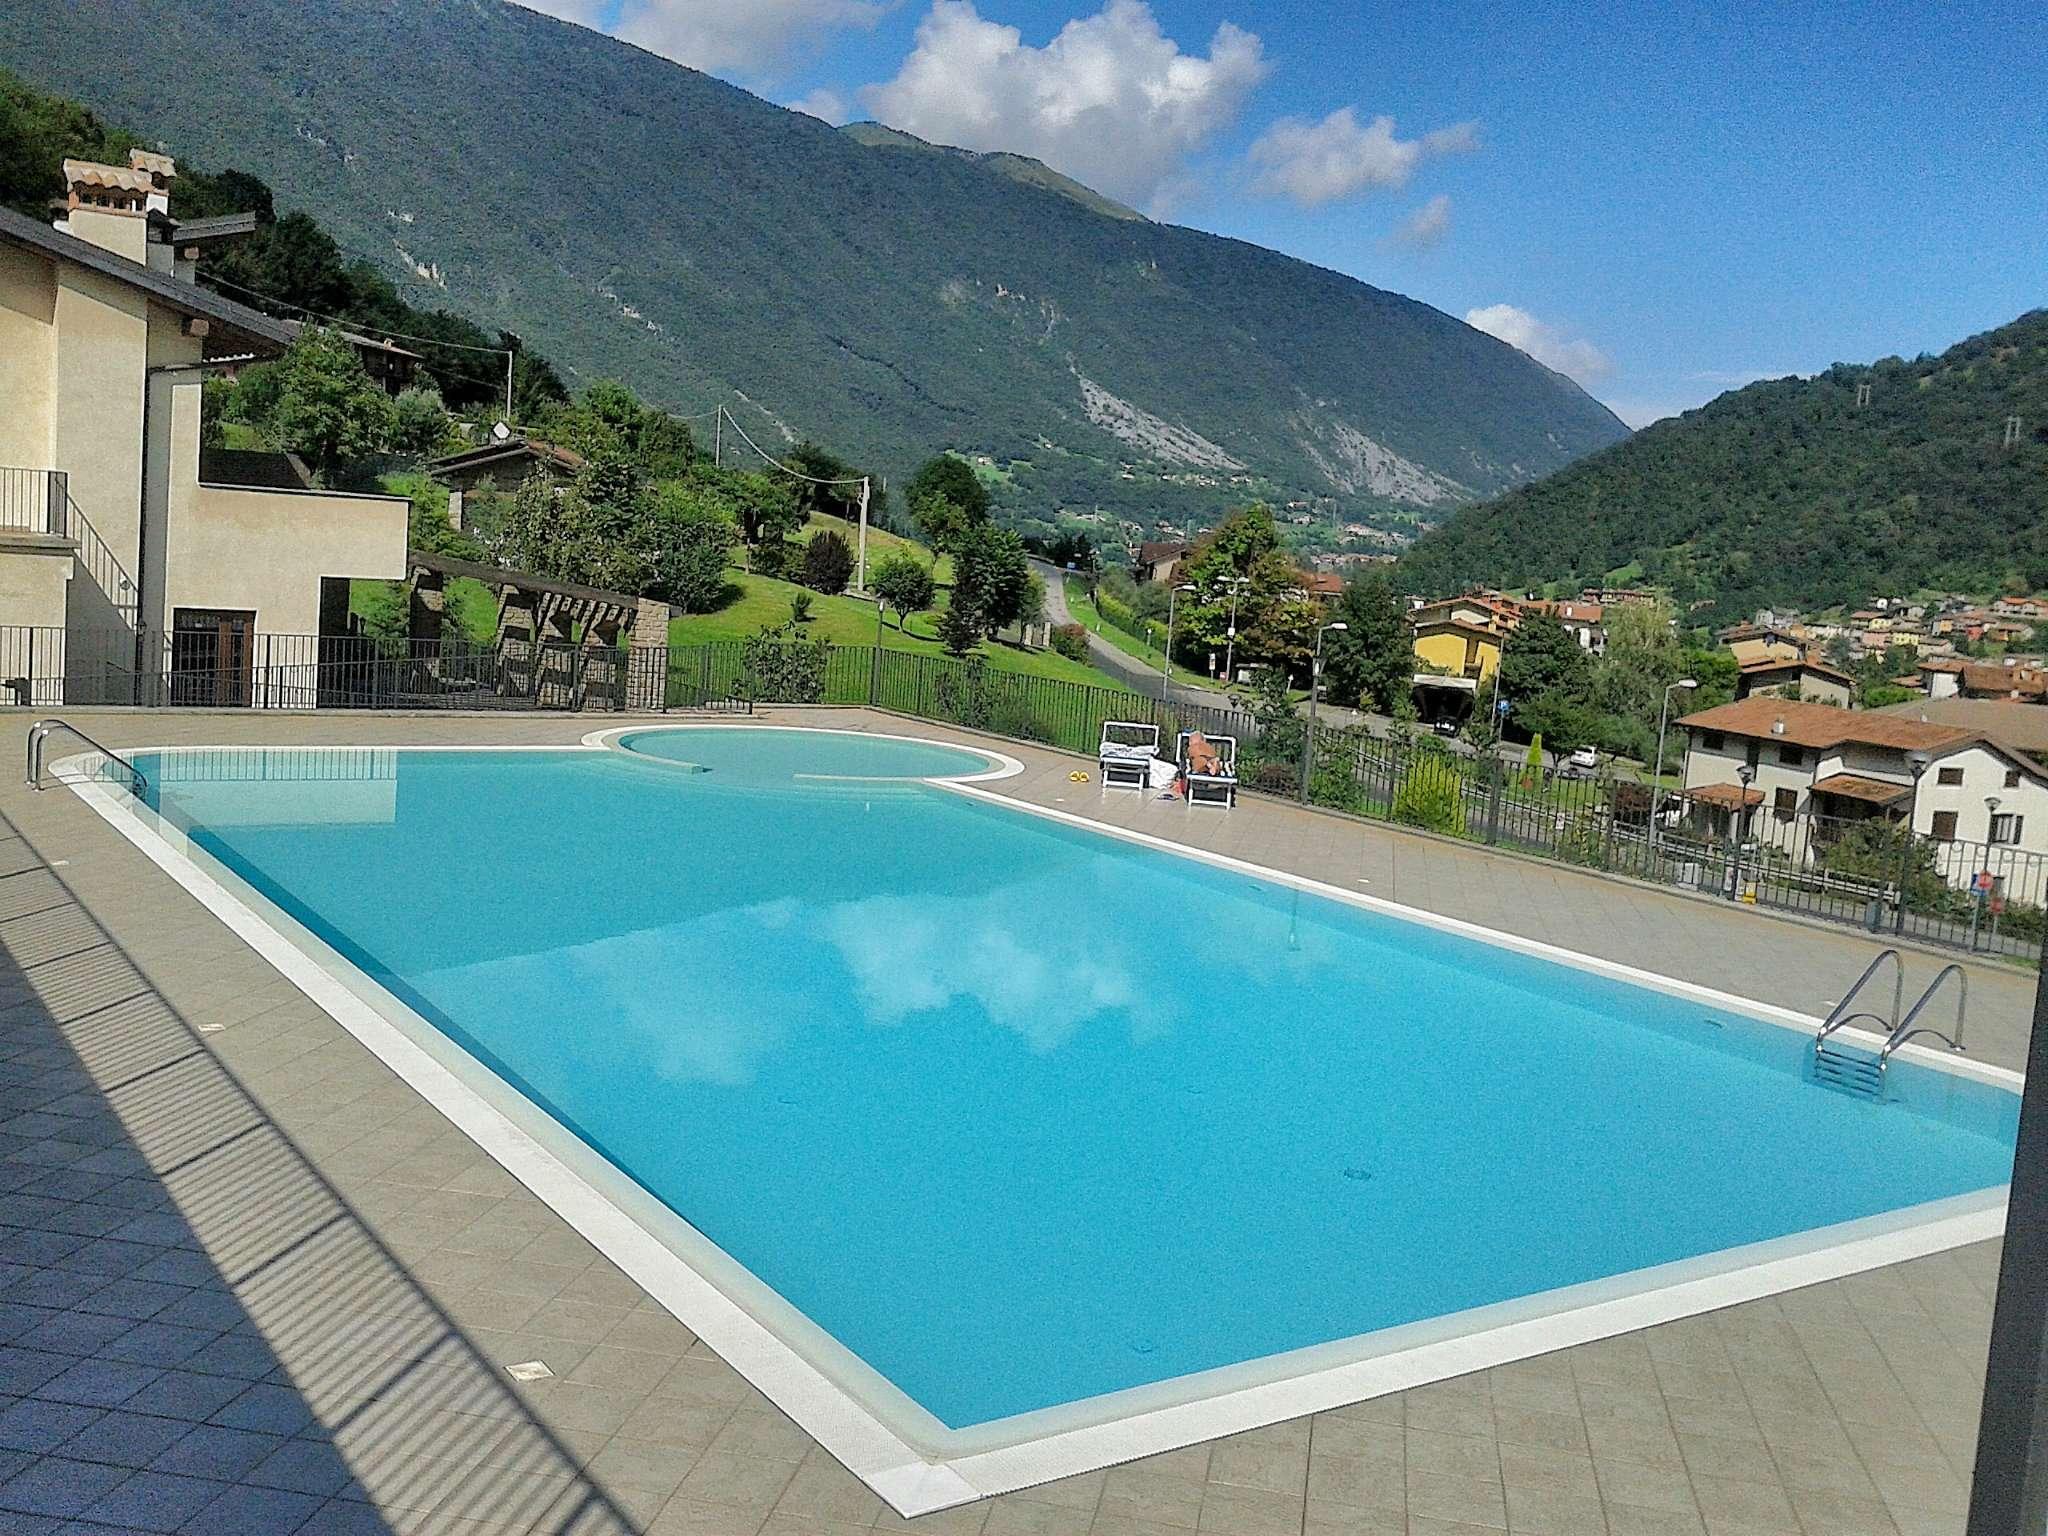 Appartamento in vendita a Ranzanico, 3 locali, prezzo € 195.000 | CambioCasa.it